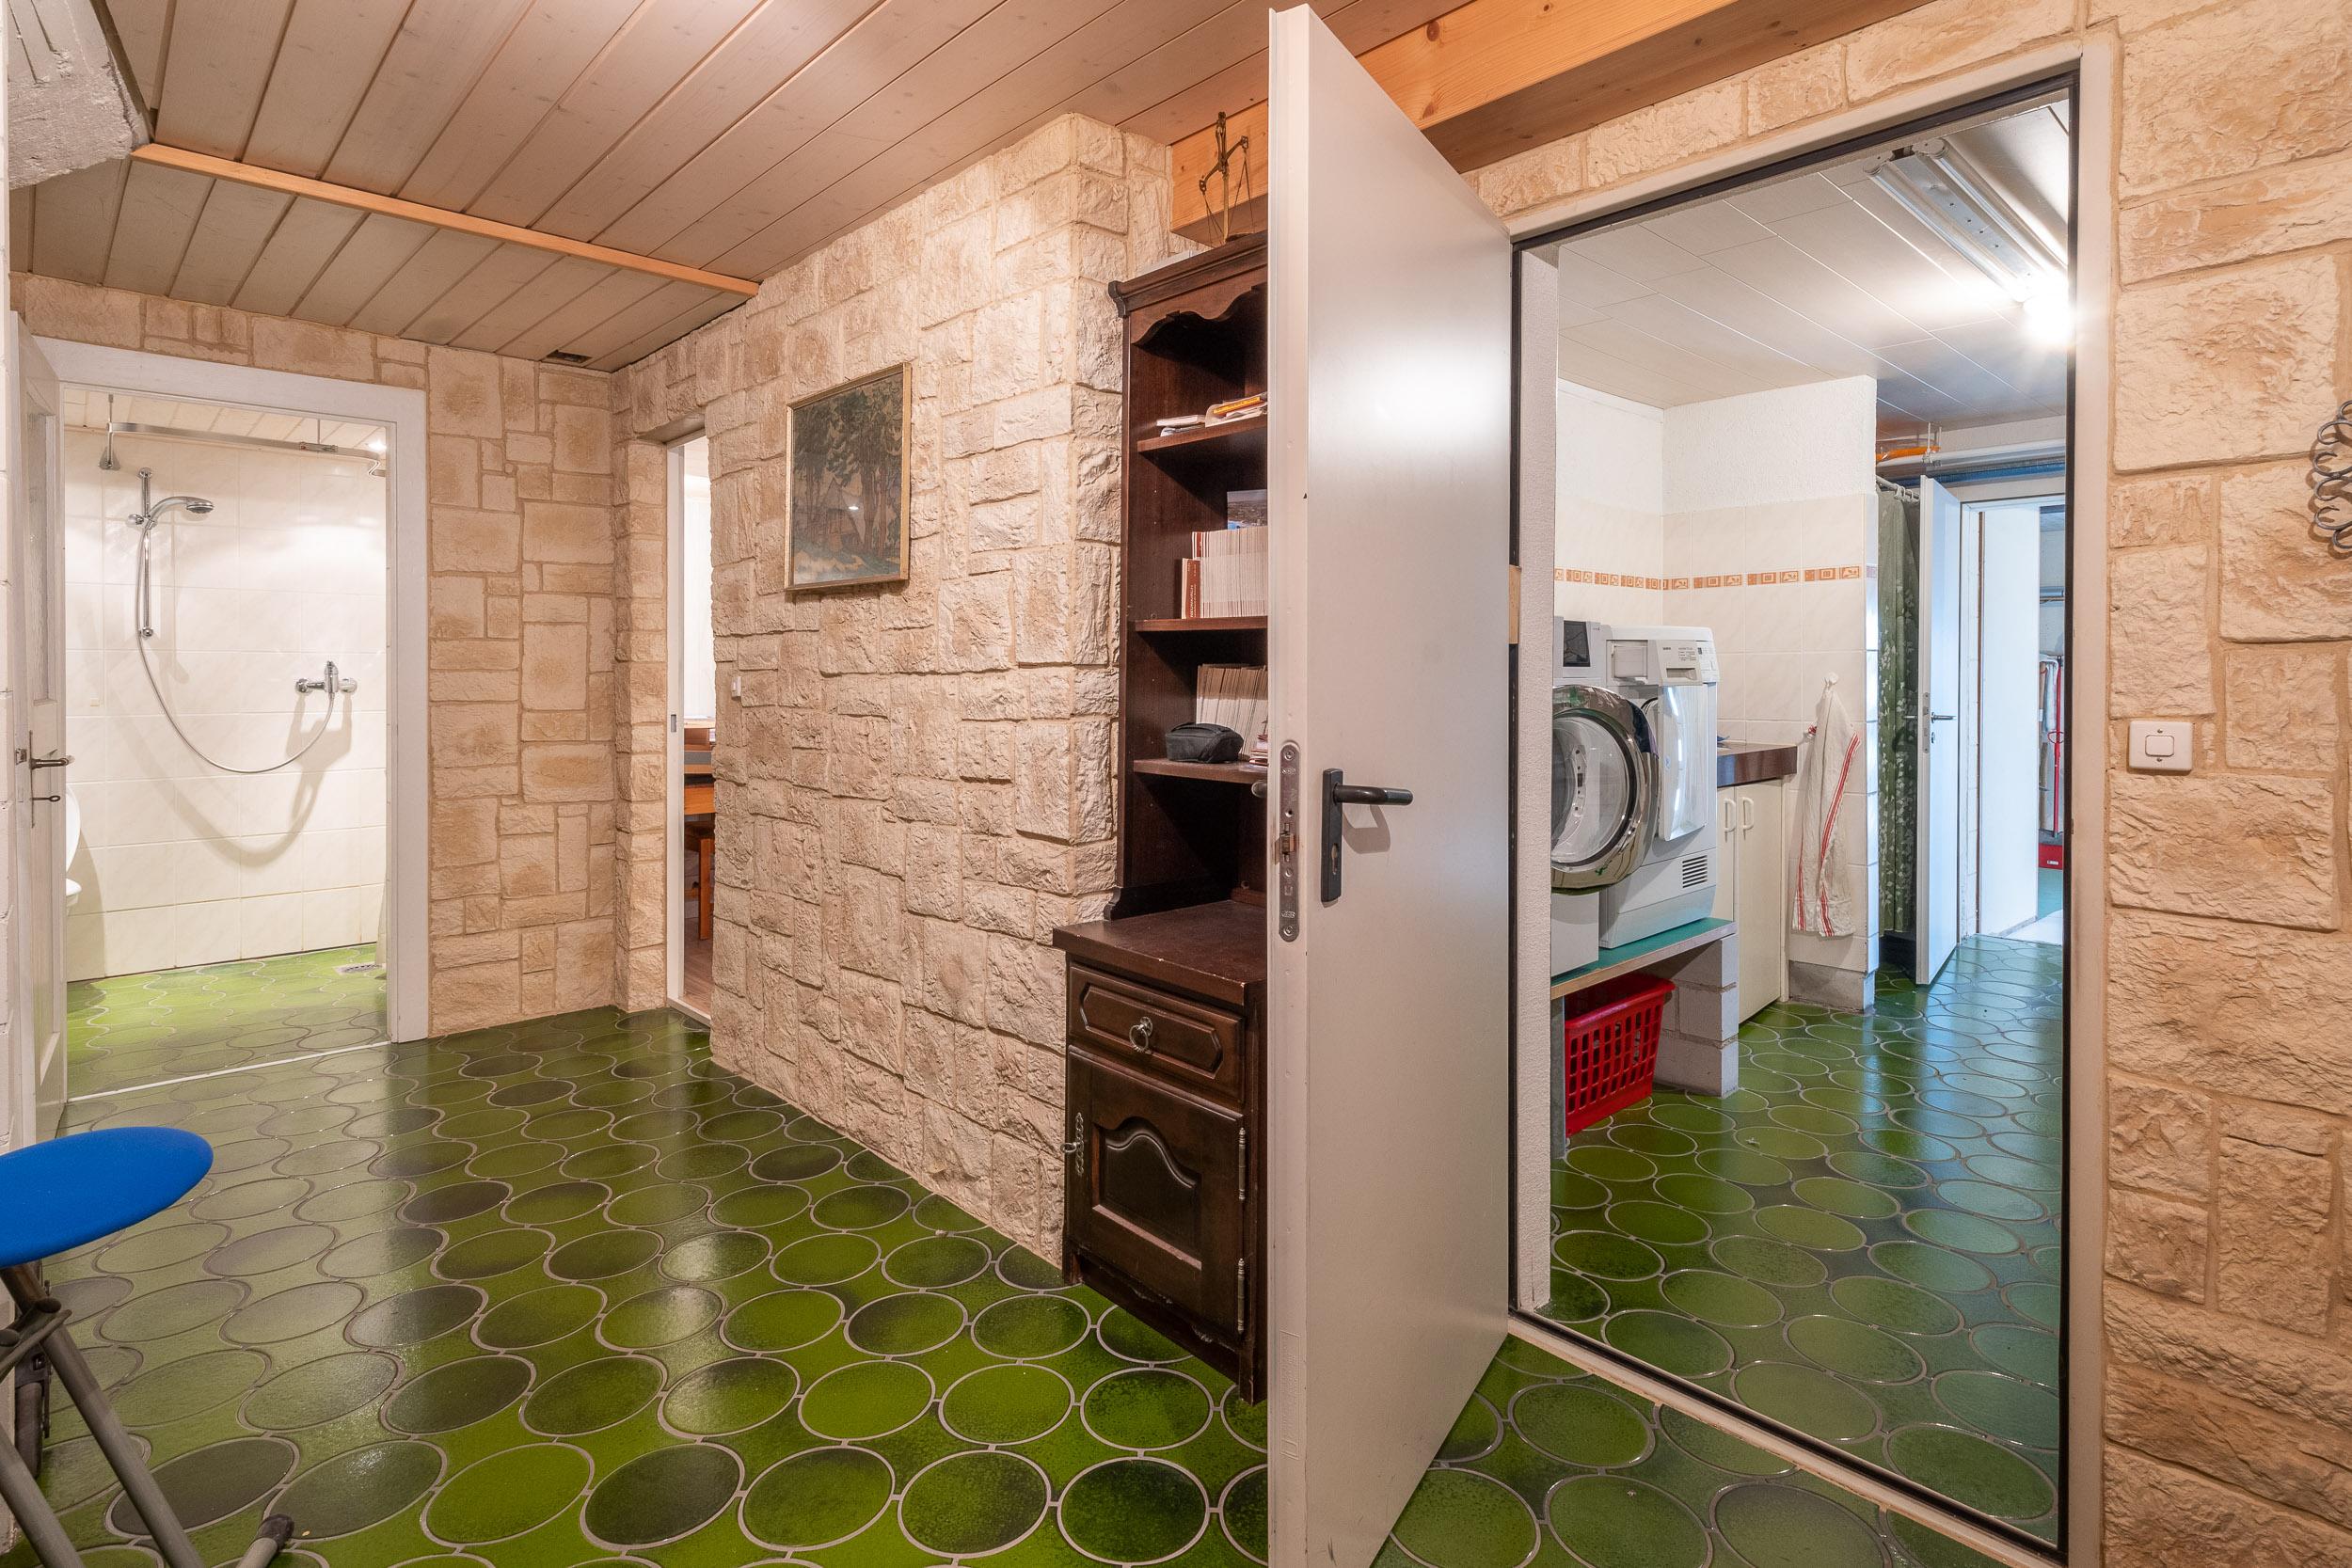 Wenn man die Treppe heruntersteigt, gelangt mit in den Keller-Vorraum. Links ein WC/DU, rechts davon der Durchgang in ein kleines Office, hinter dem sich der Naturkeller mit klimatisiertem Weinkeller befindet. Ganz rechts die Waschküche mit Durchgang in den Garten und die Garage